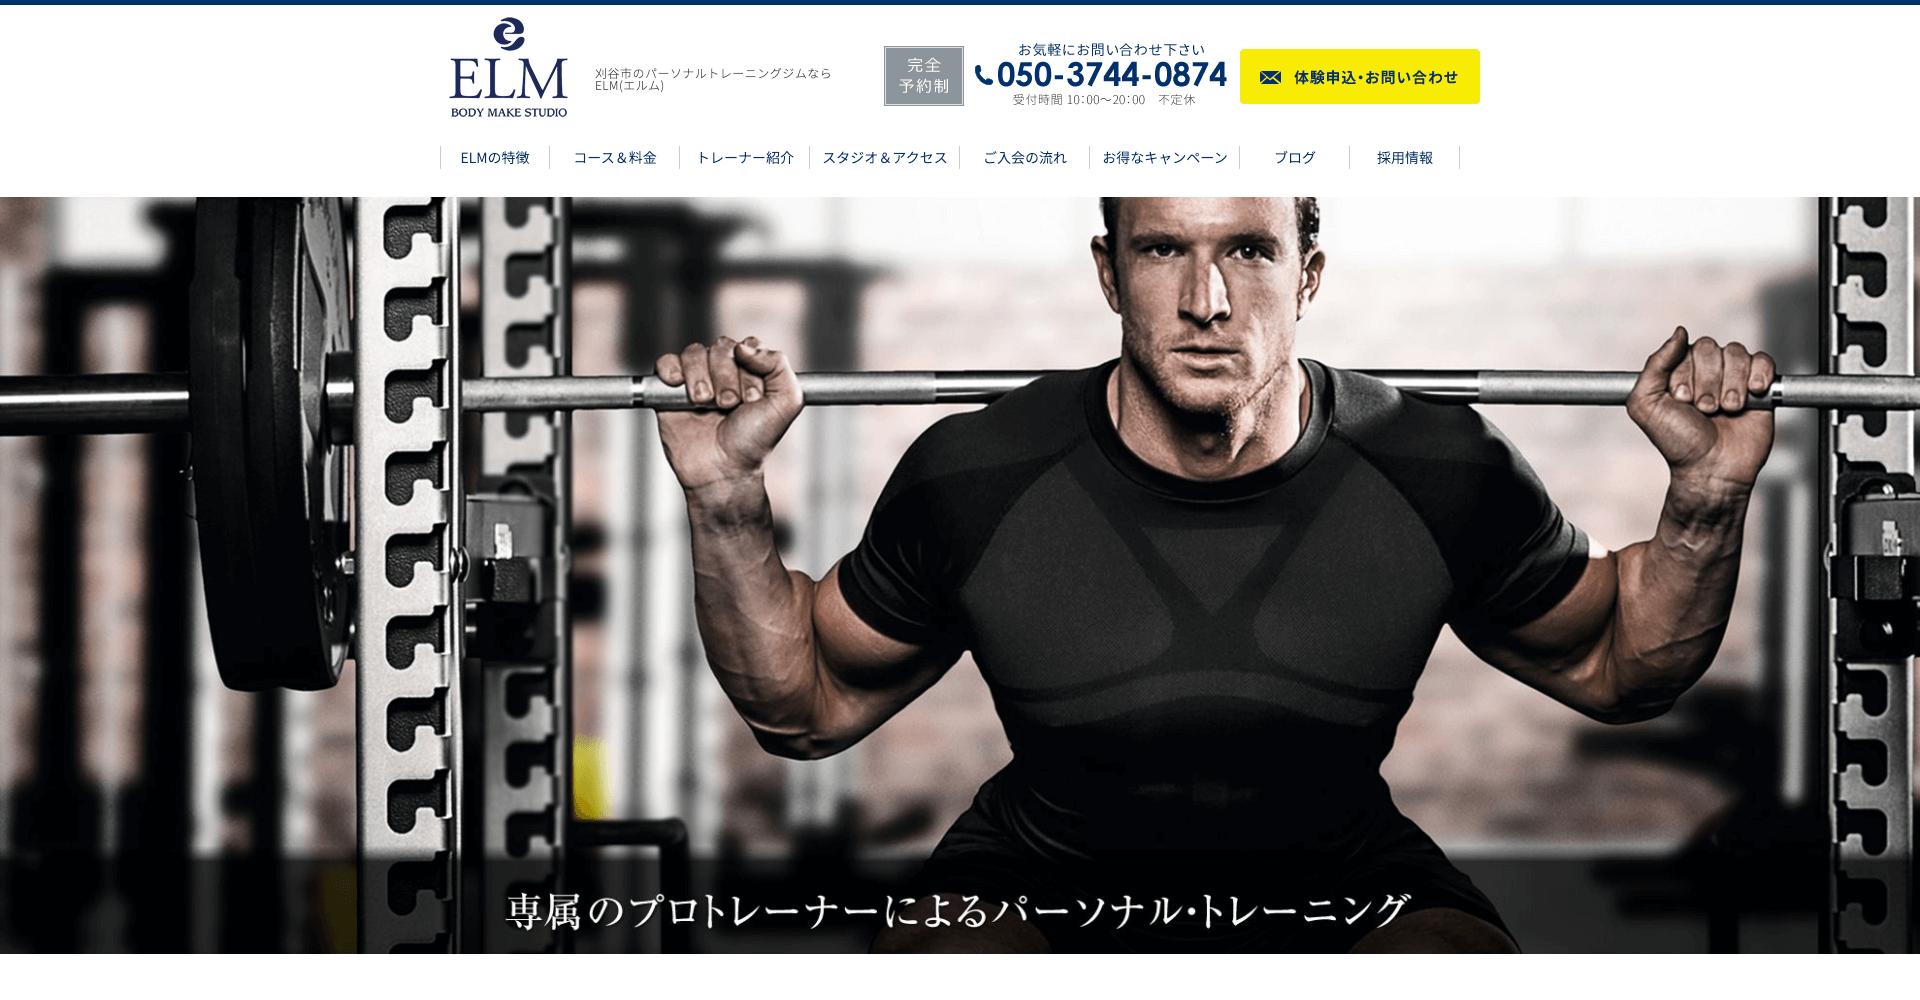 パーソナルトレーニング【ELM body make studio】